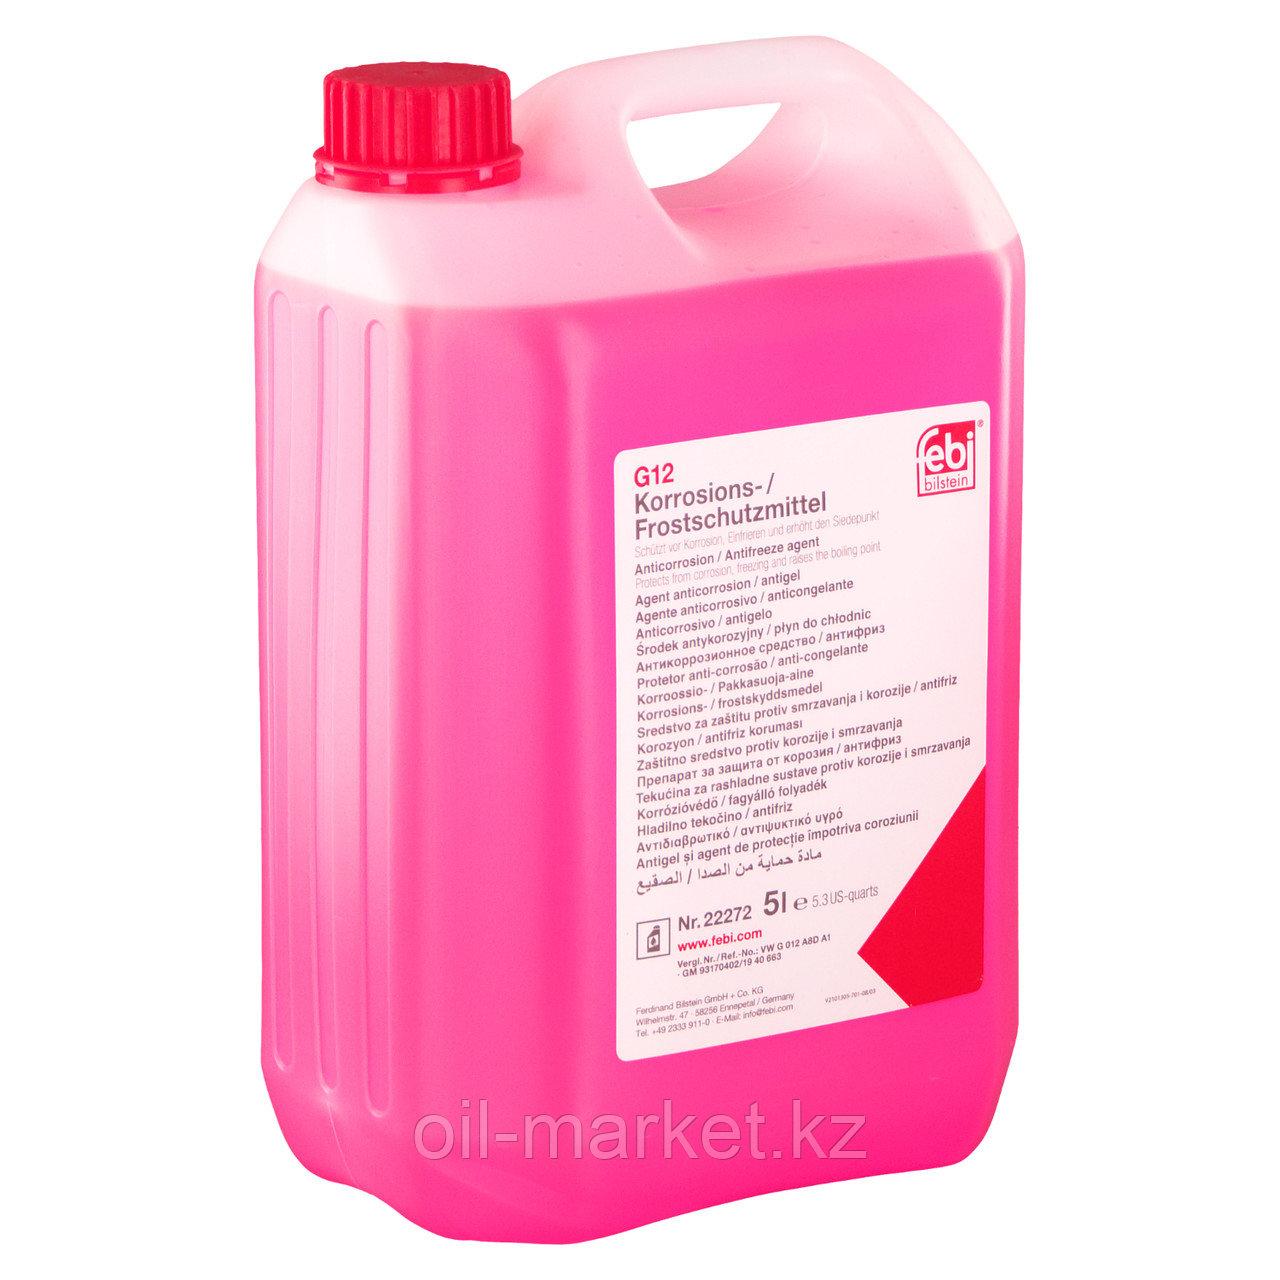 FEBI 22272 антифриз красный 5L концентрат 1:1 -40°C G12